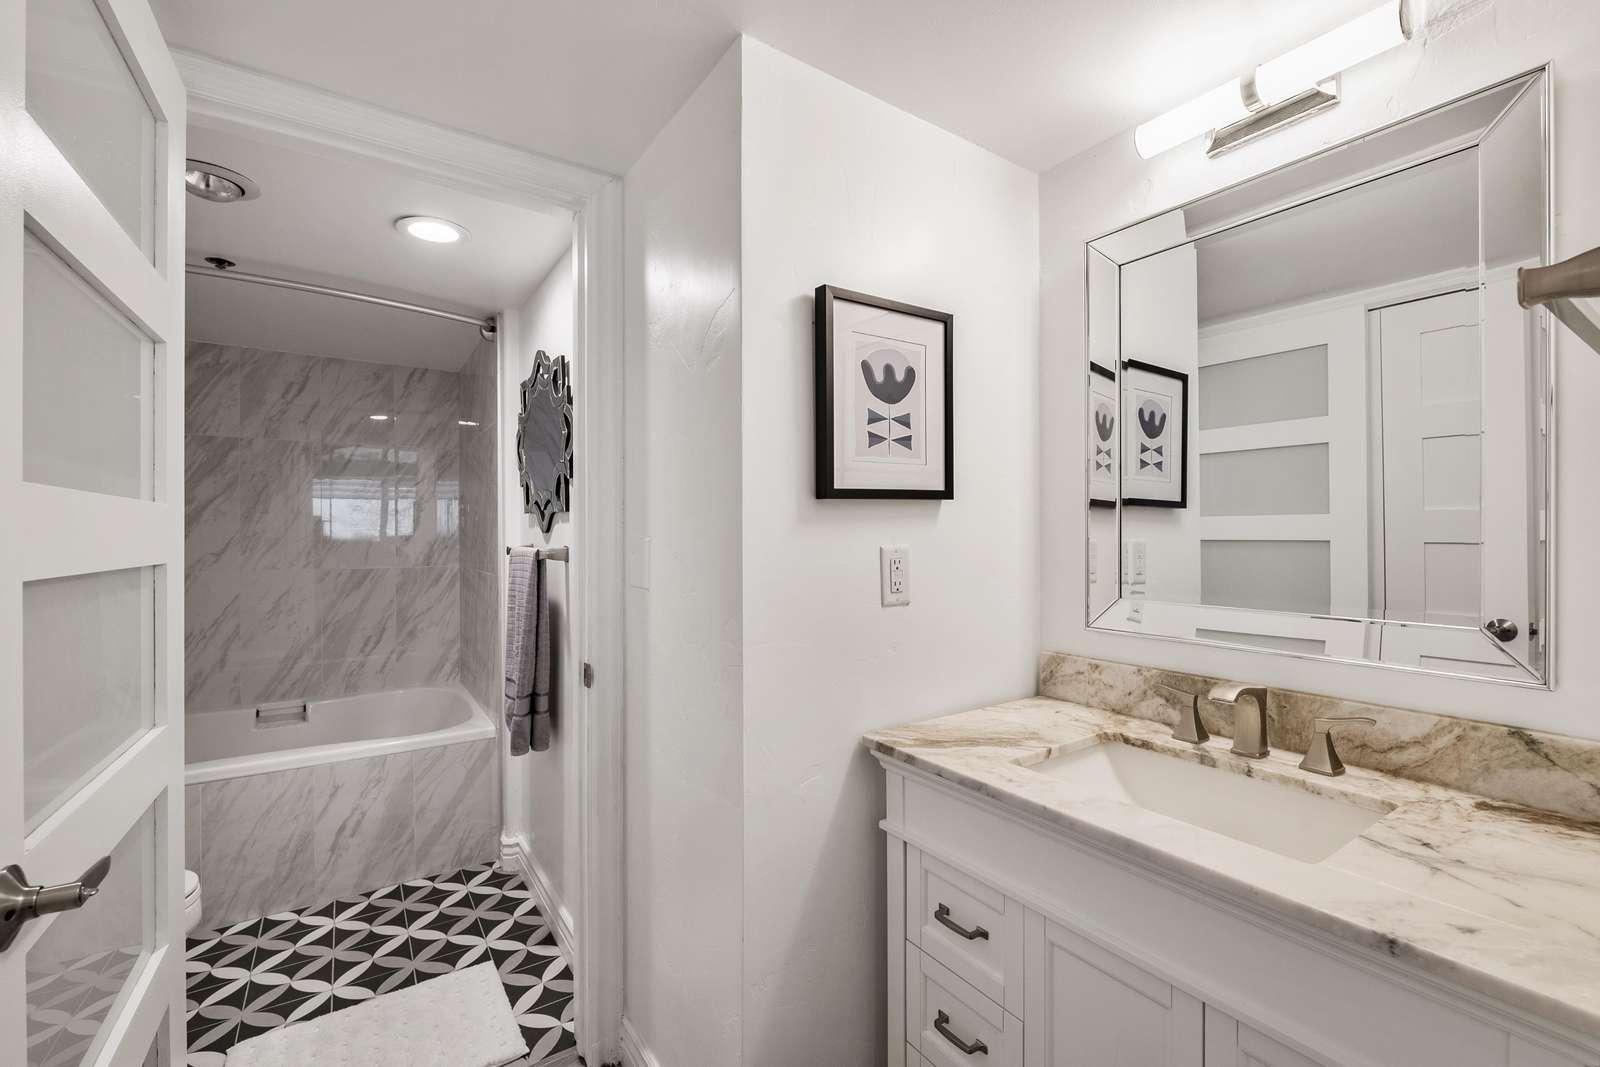 Master bathroom with separate vanity